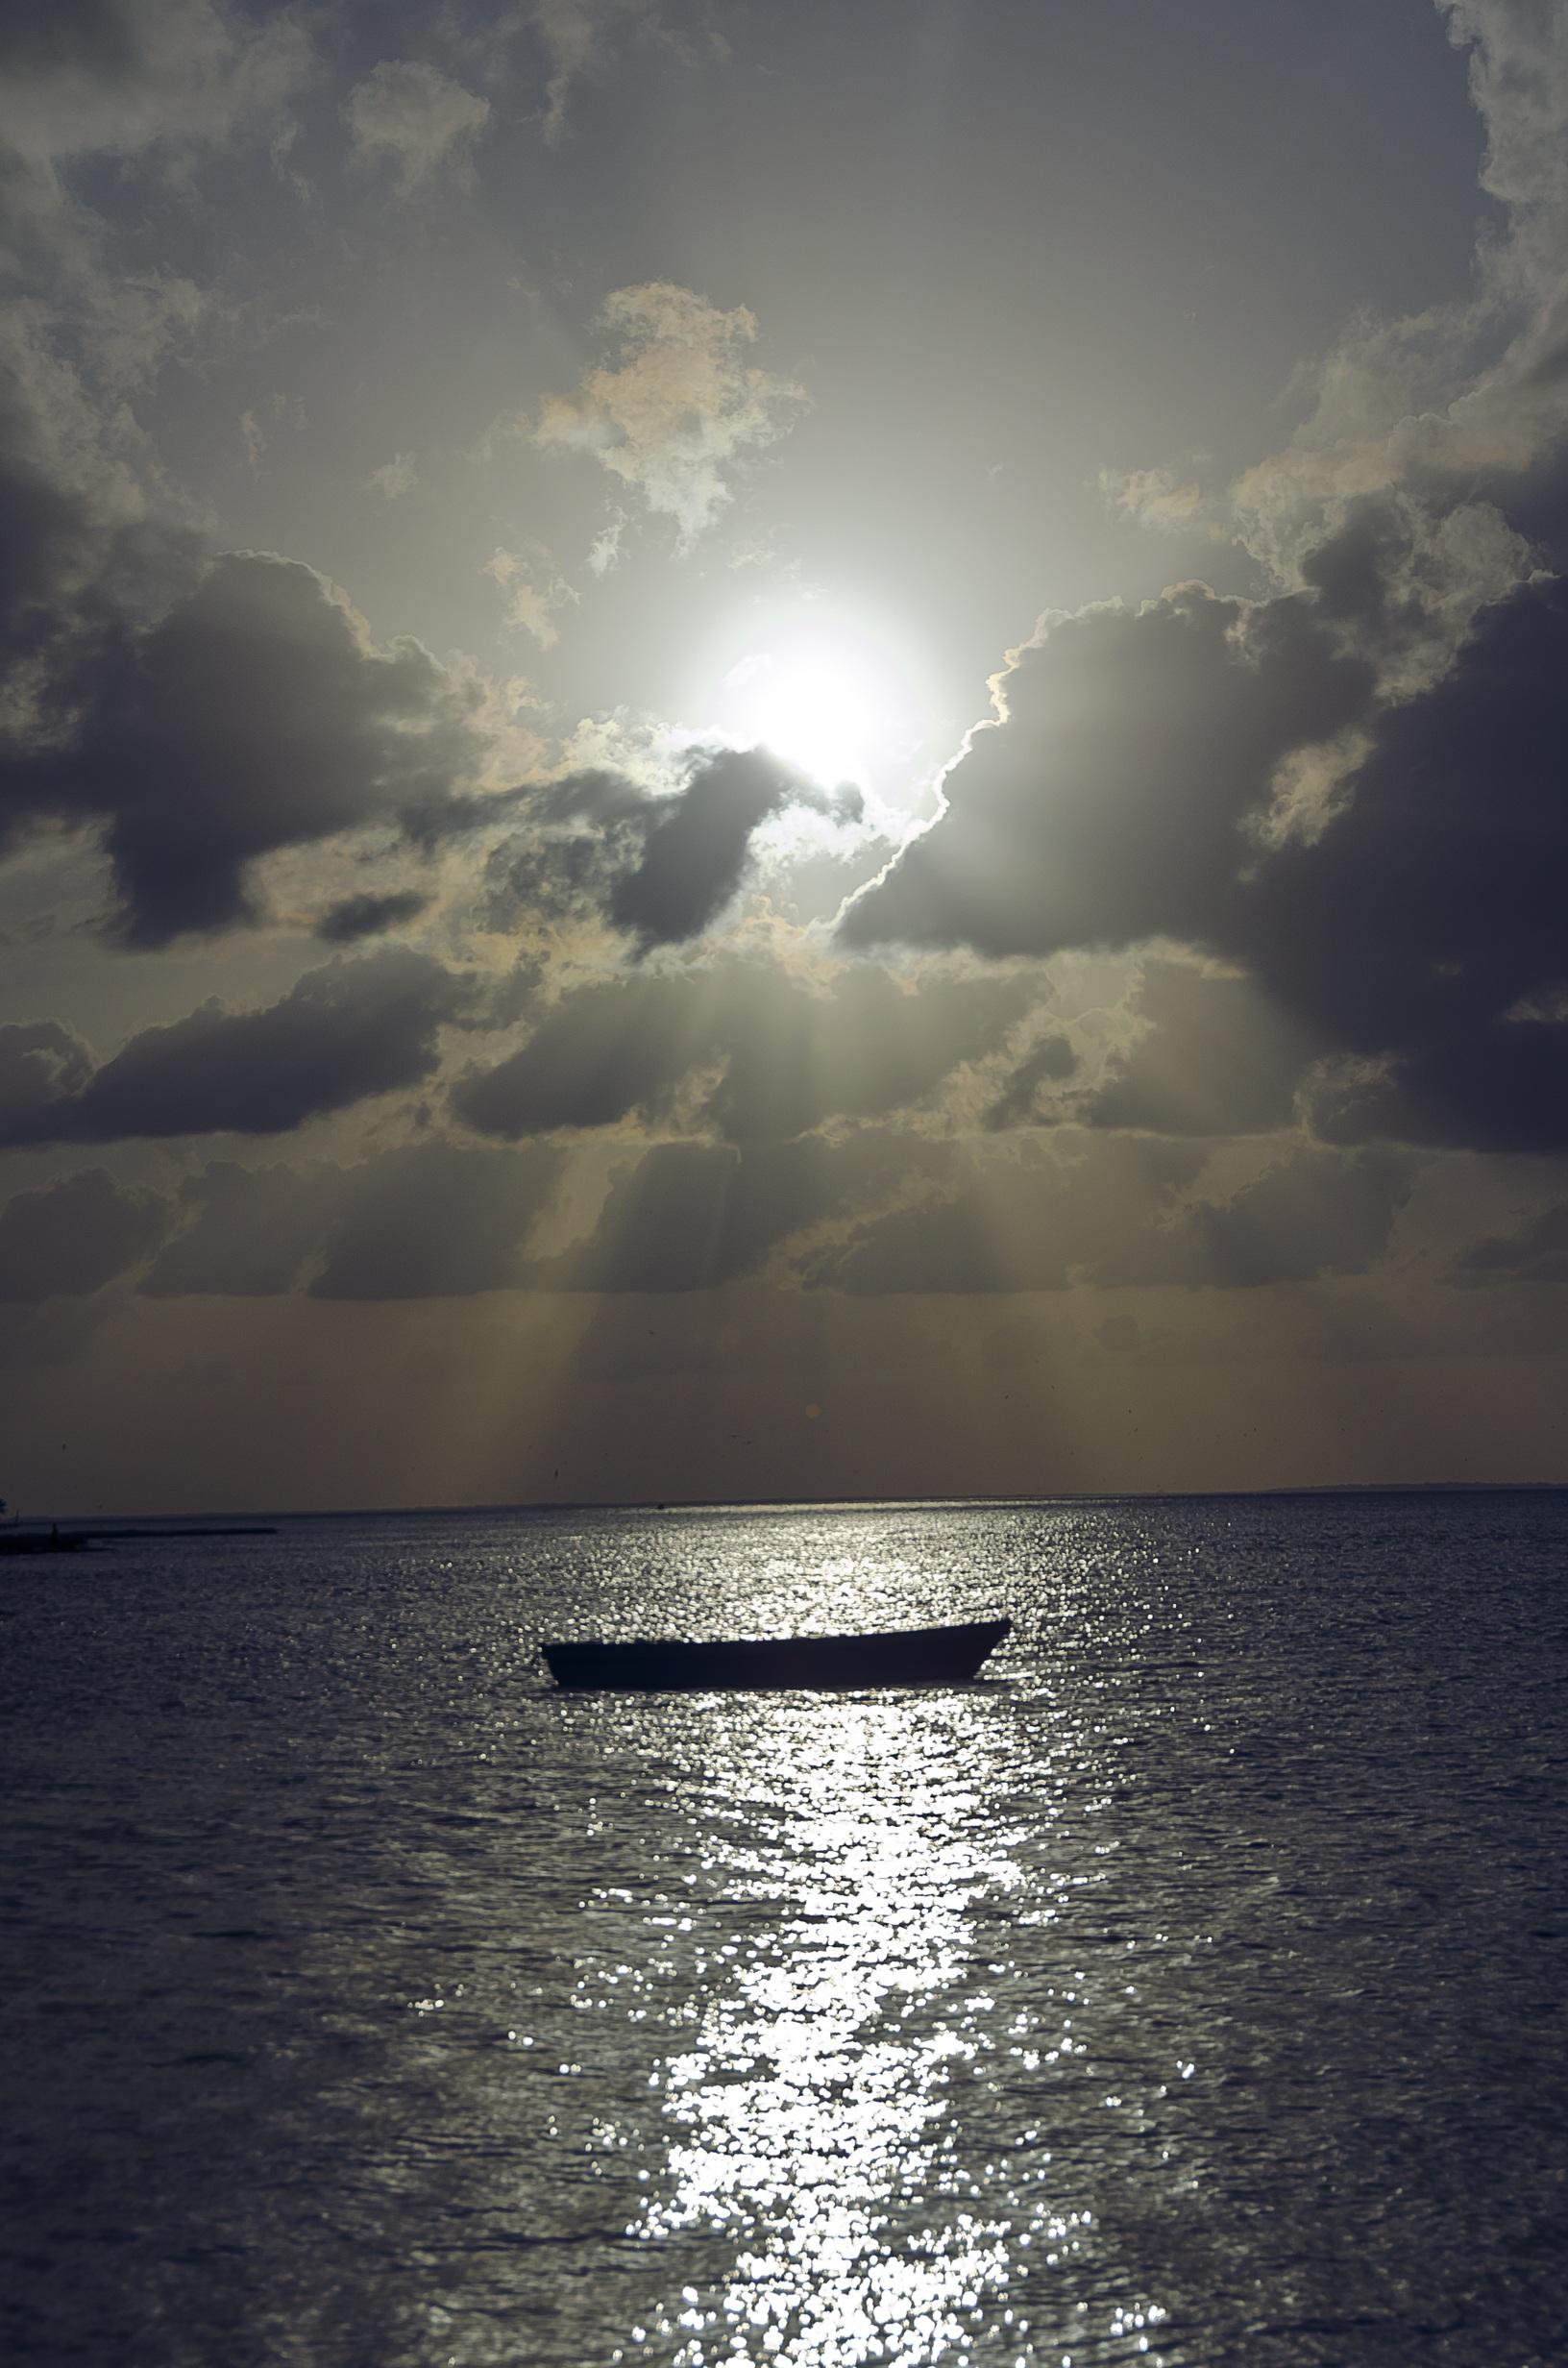 Sea Ray Boat >> Free Images : beach, sea, coast, ocean, horizon, cloud, sky, sunrise, sunset, boat, sunlight ...